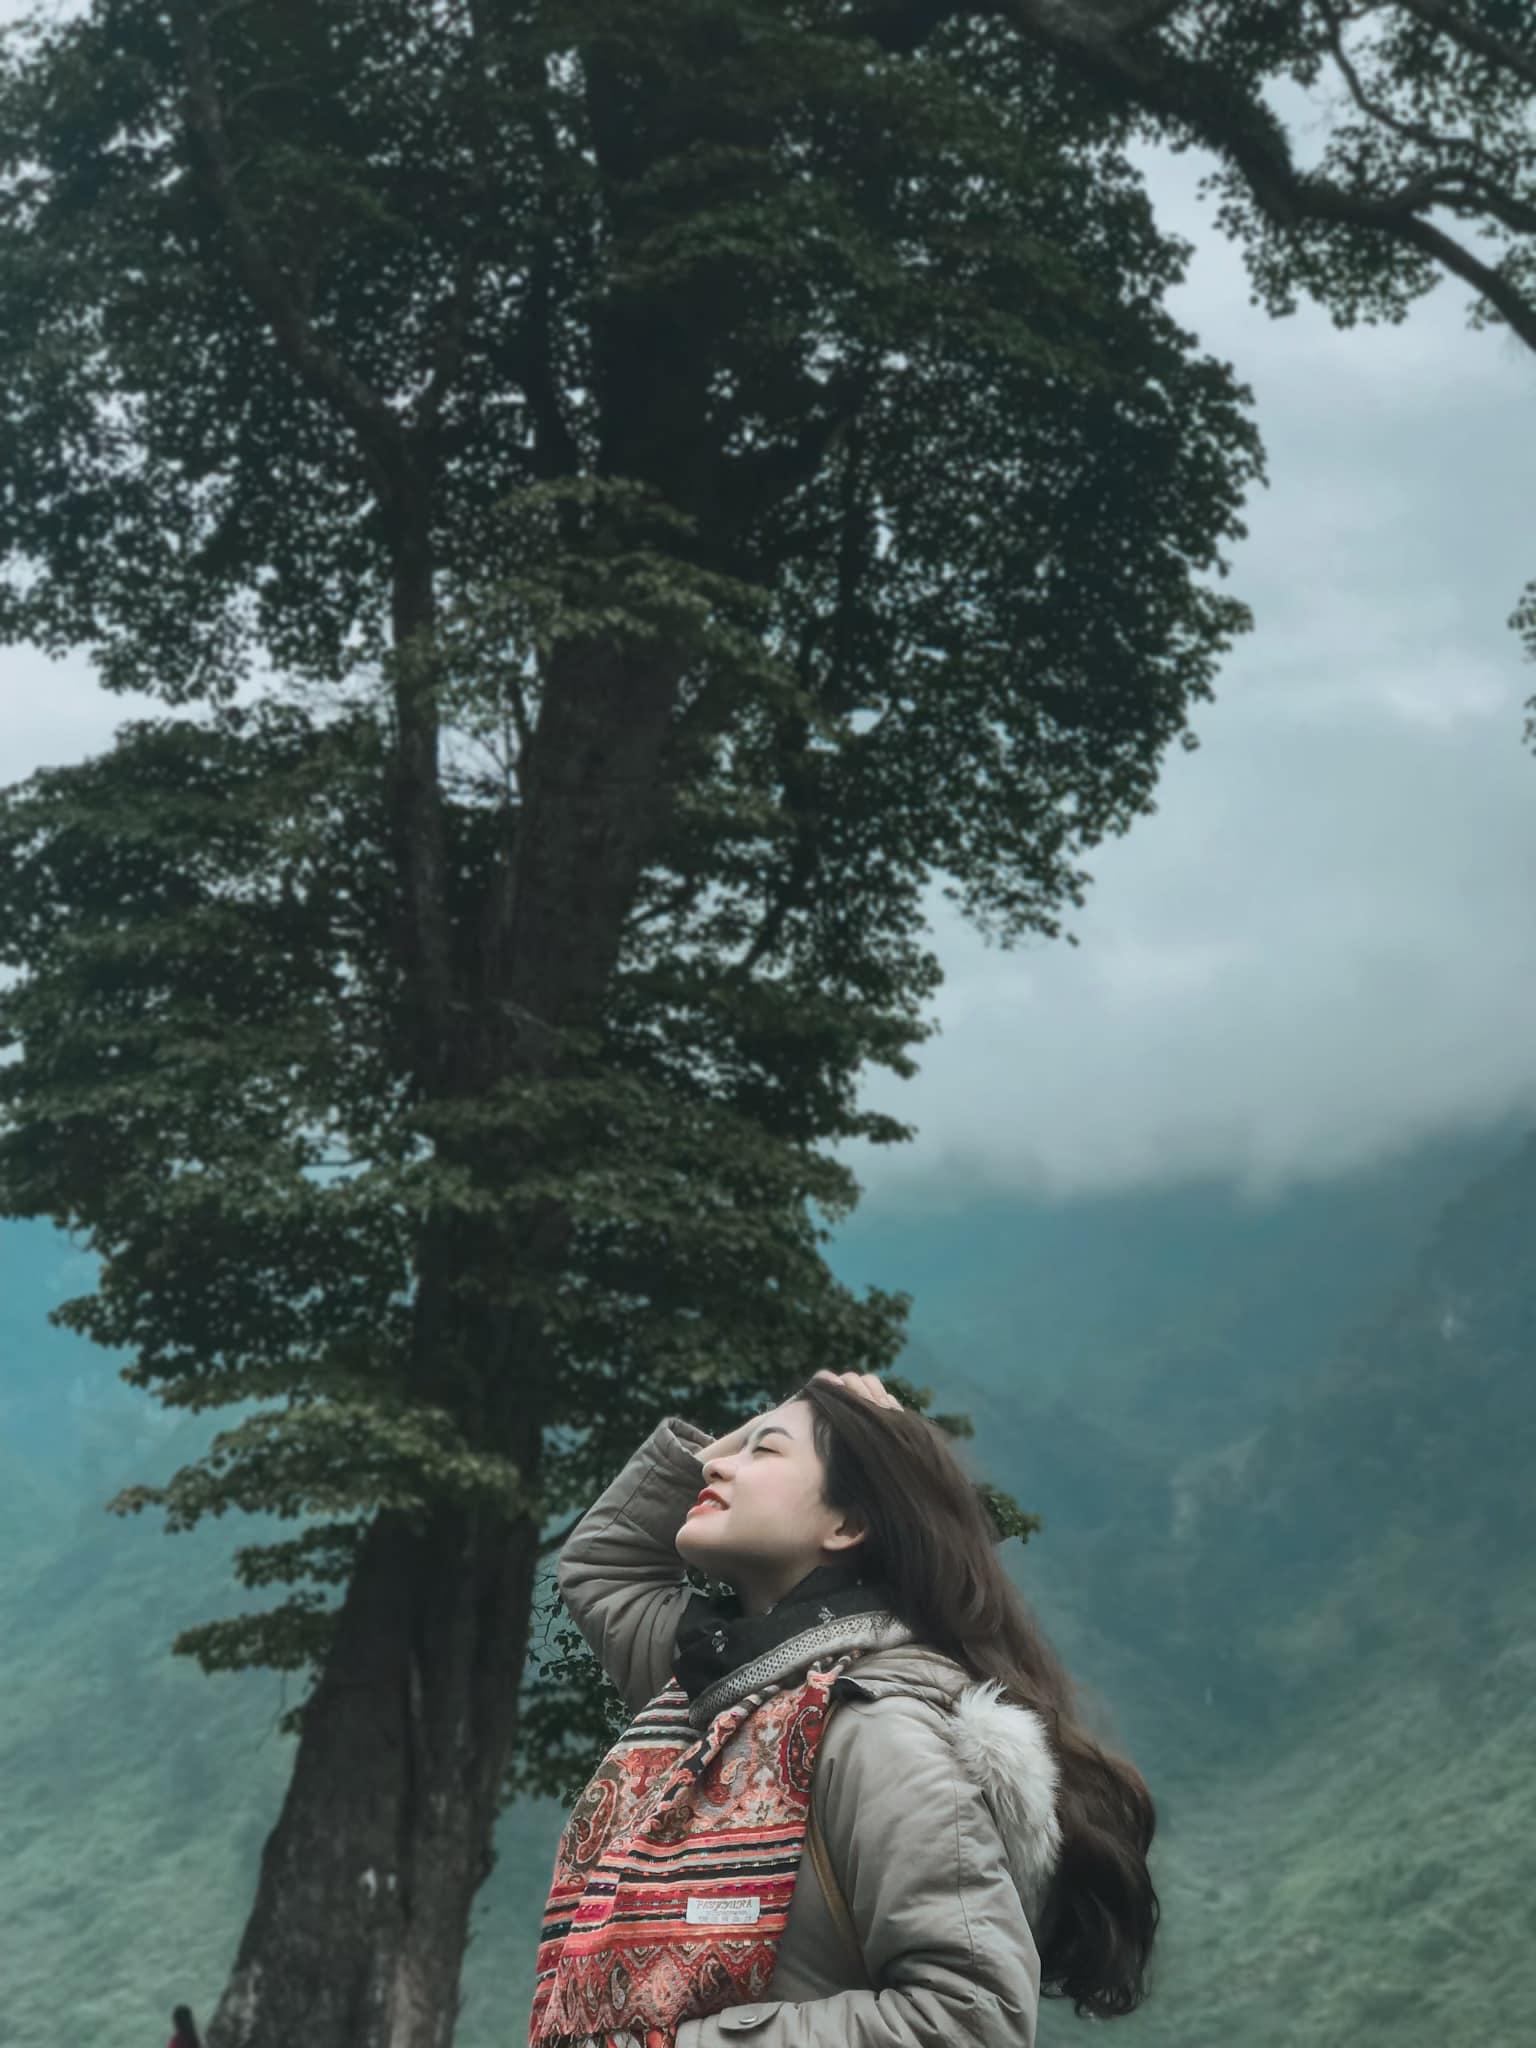 Tuổi trẻ nên đi Hà Giang một lần, để thấy được sự hùng vĩ của núi rừng Cực Bắc